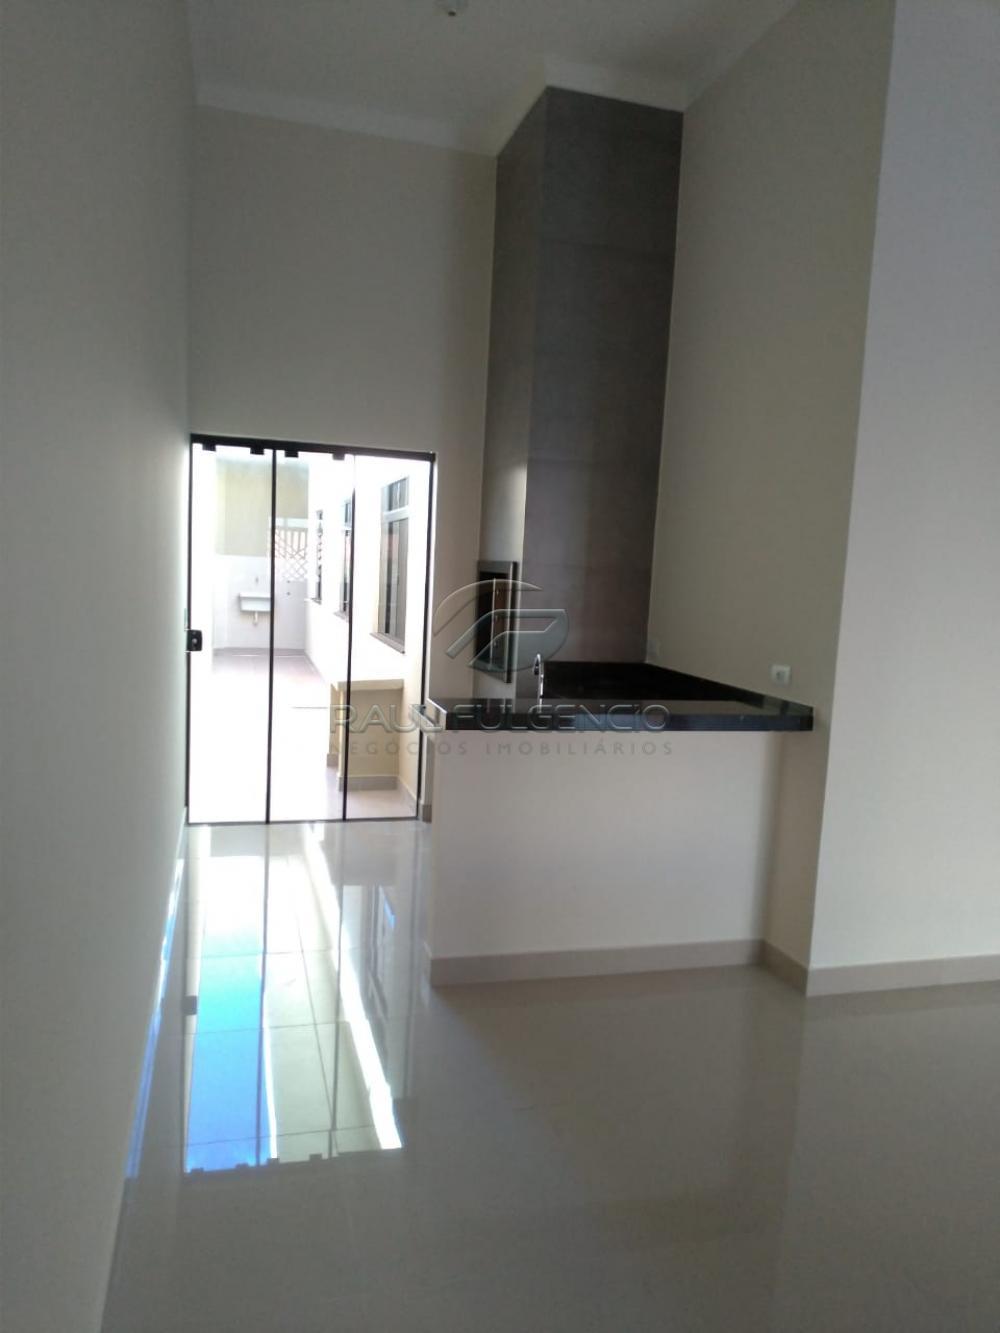 Comprar Casa / Térrea em Londrina apenas R$ 280.000,00 - Foto 4